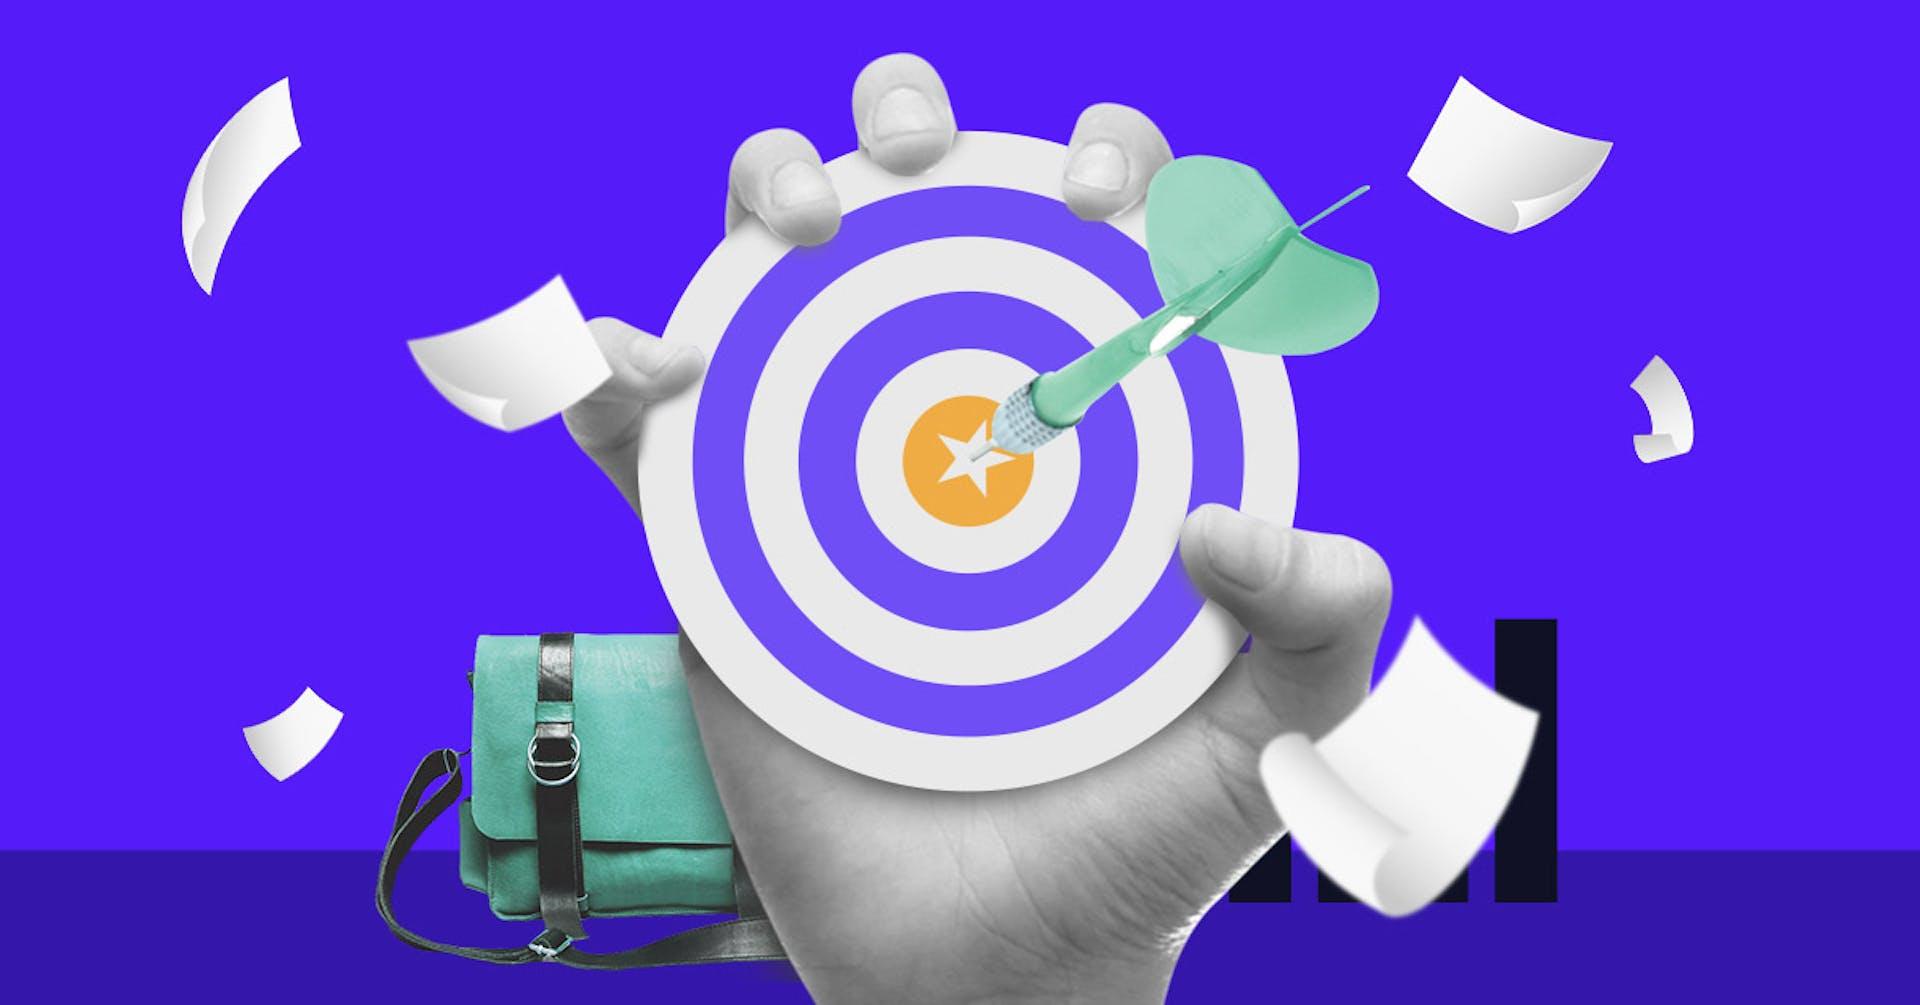 Objetivos profesionales: ¿Cómo definirlos y trazar tu camino hacia el éxito?